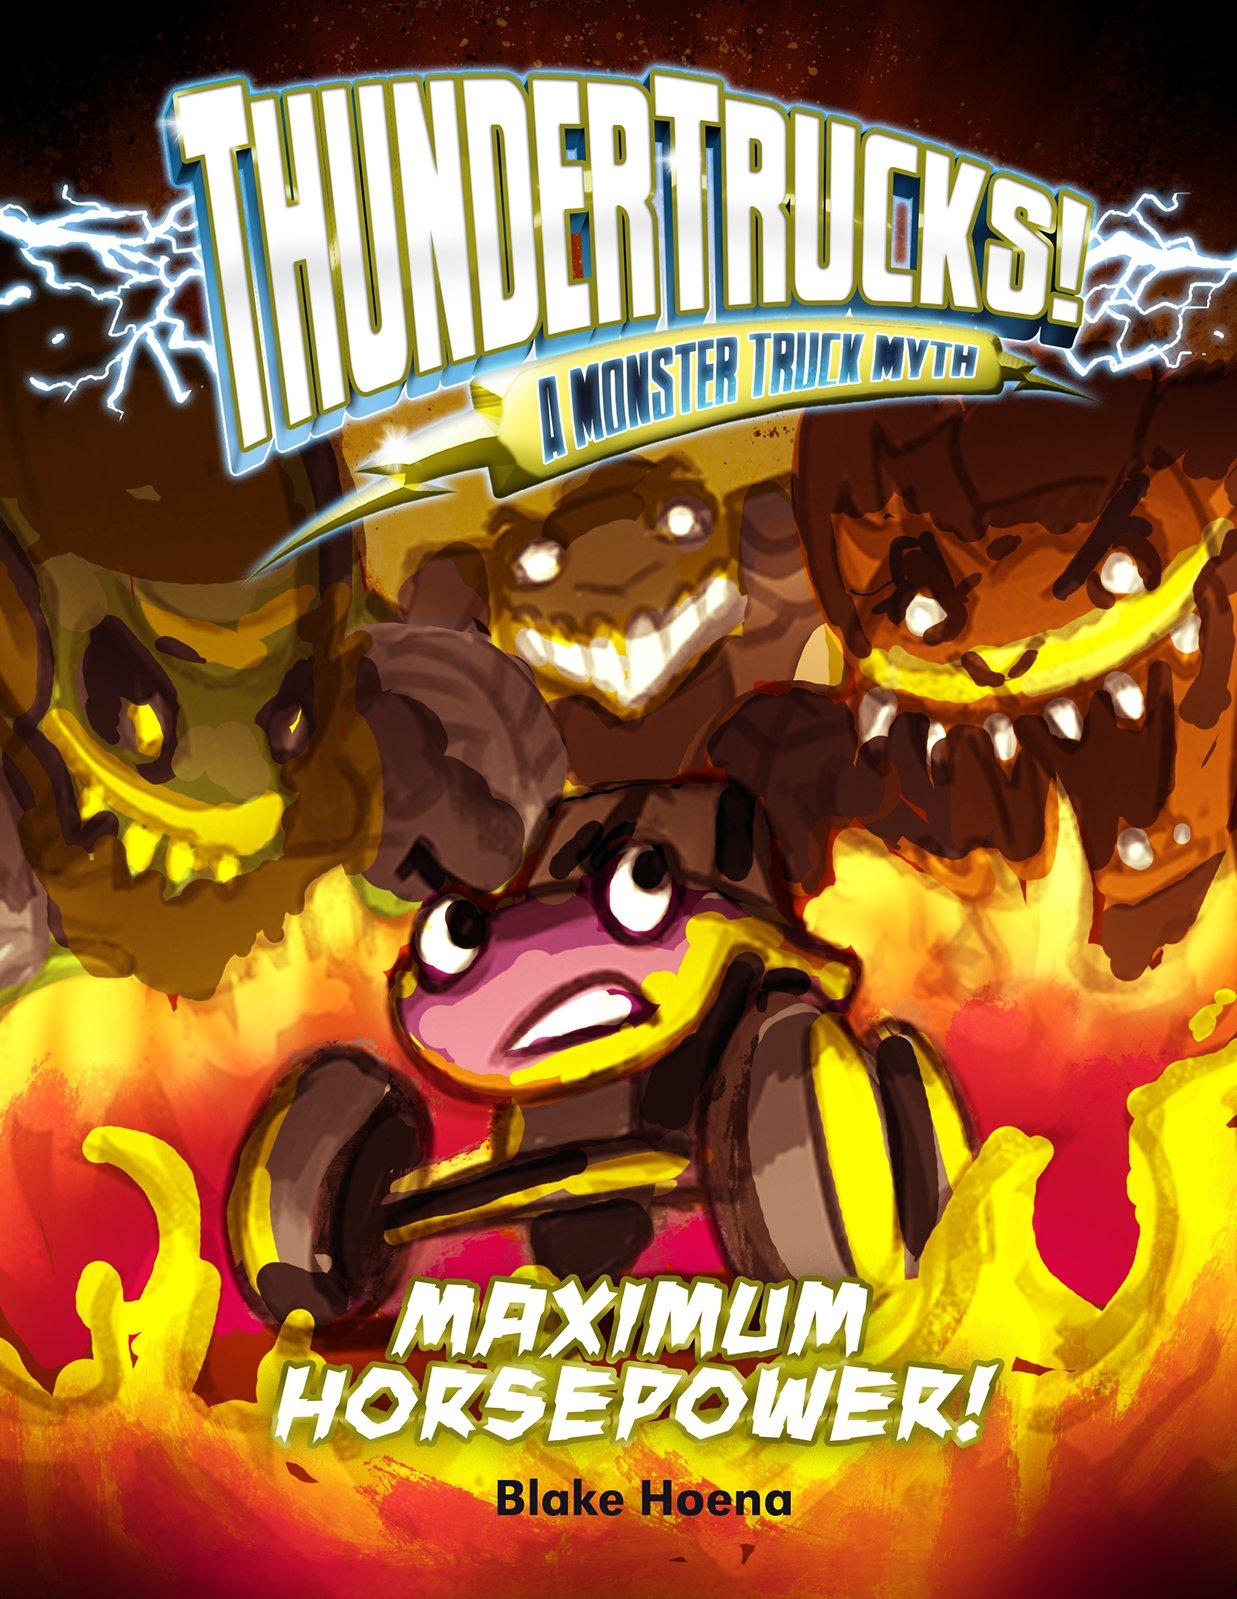 Maximum Horsepower!: A Monster Truck Myth (ThunderTrucks!)